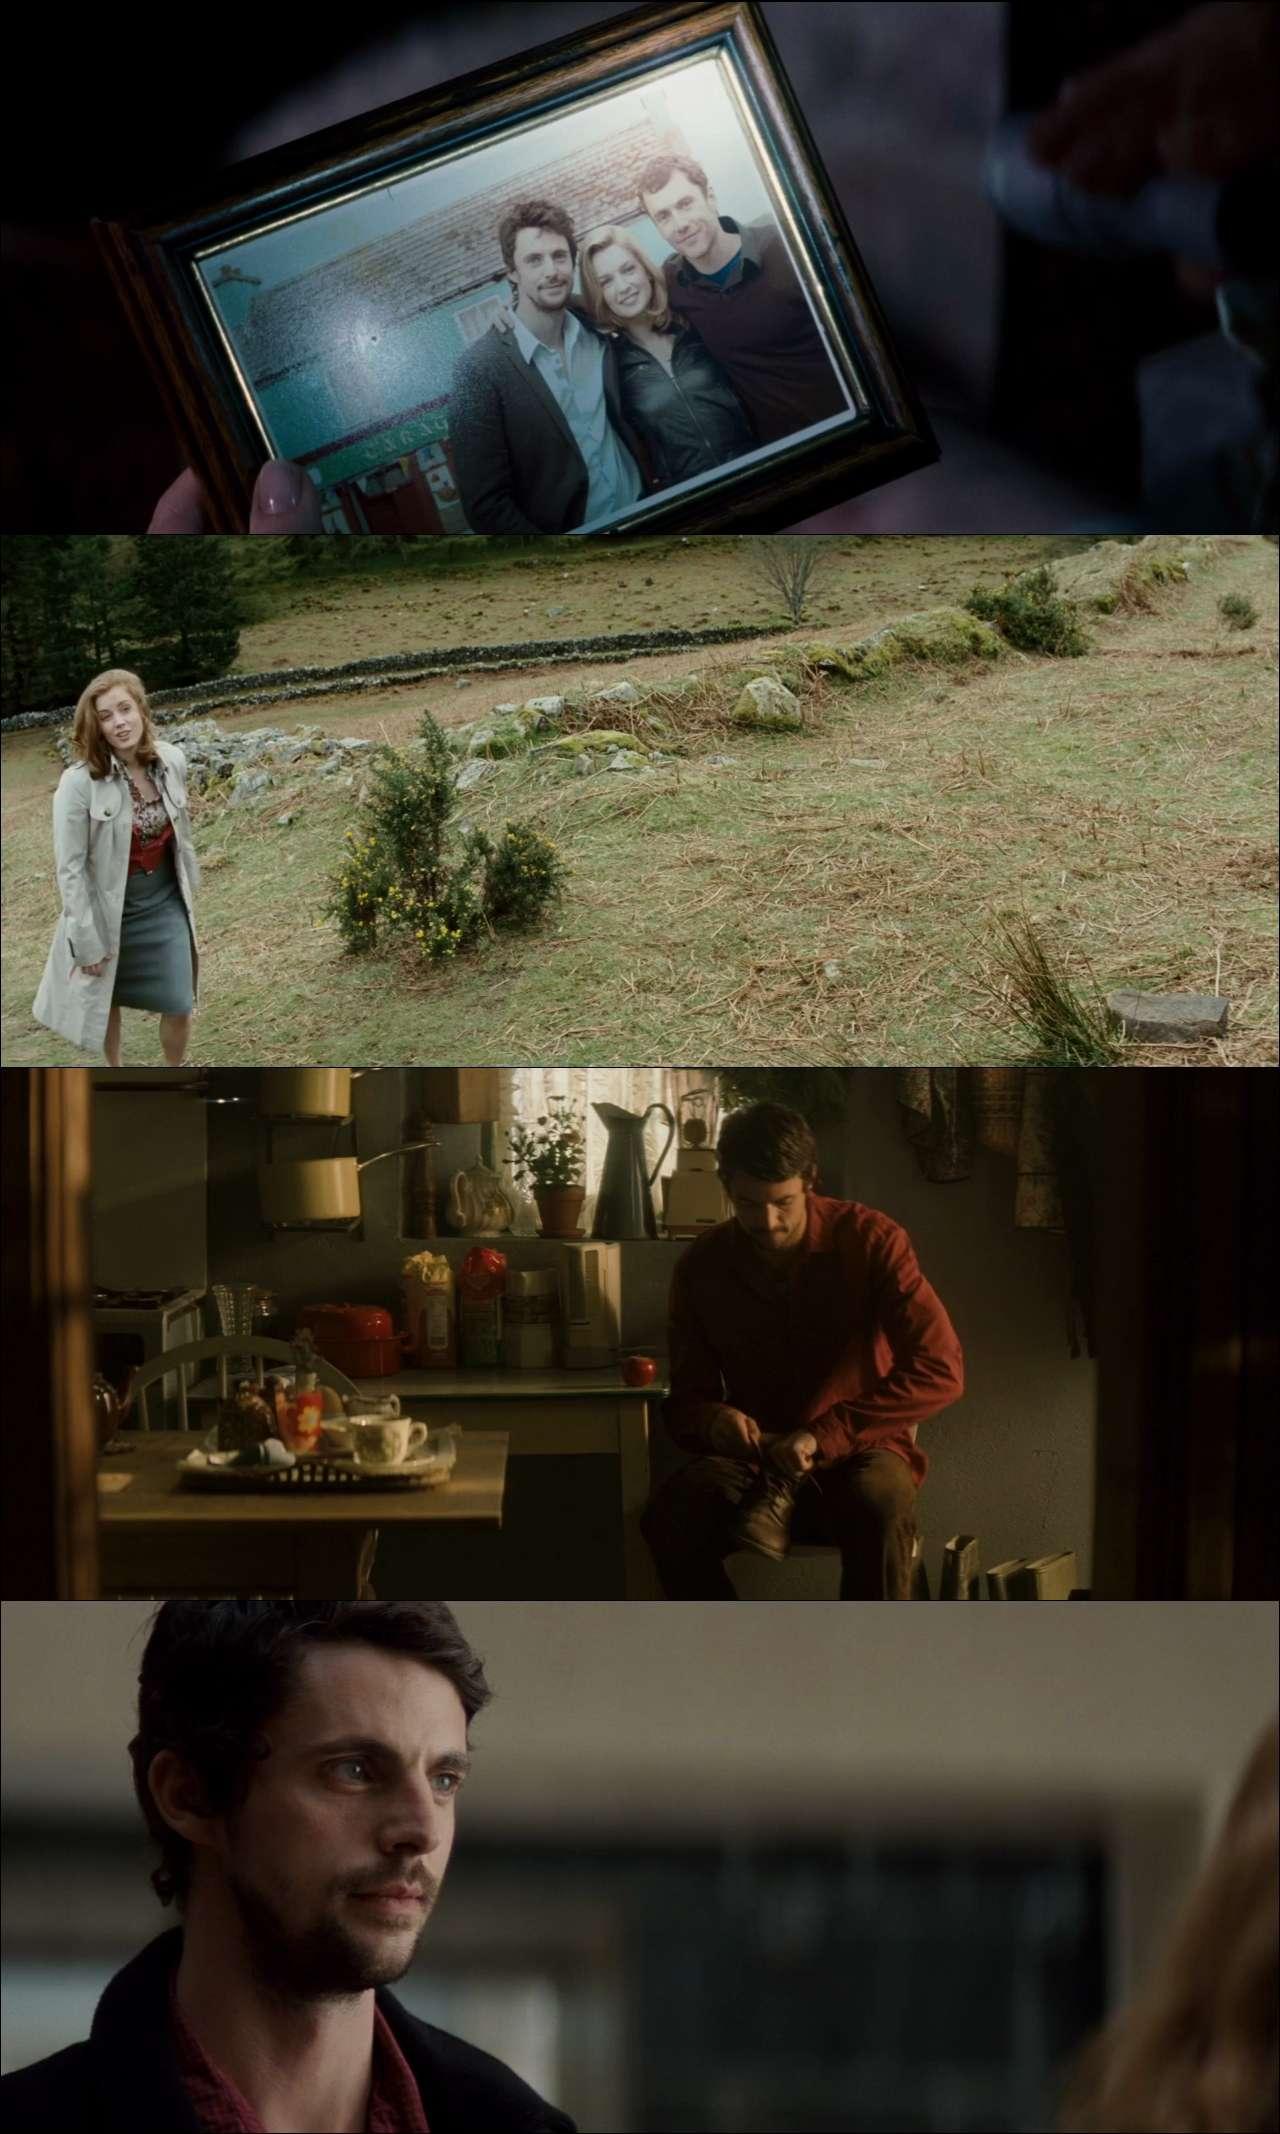 Aşka Yolculuk - Leap Year (2010) full türkçe dublaj film indir